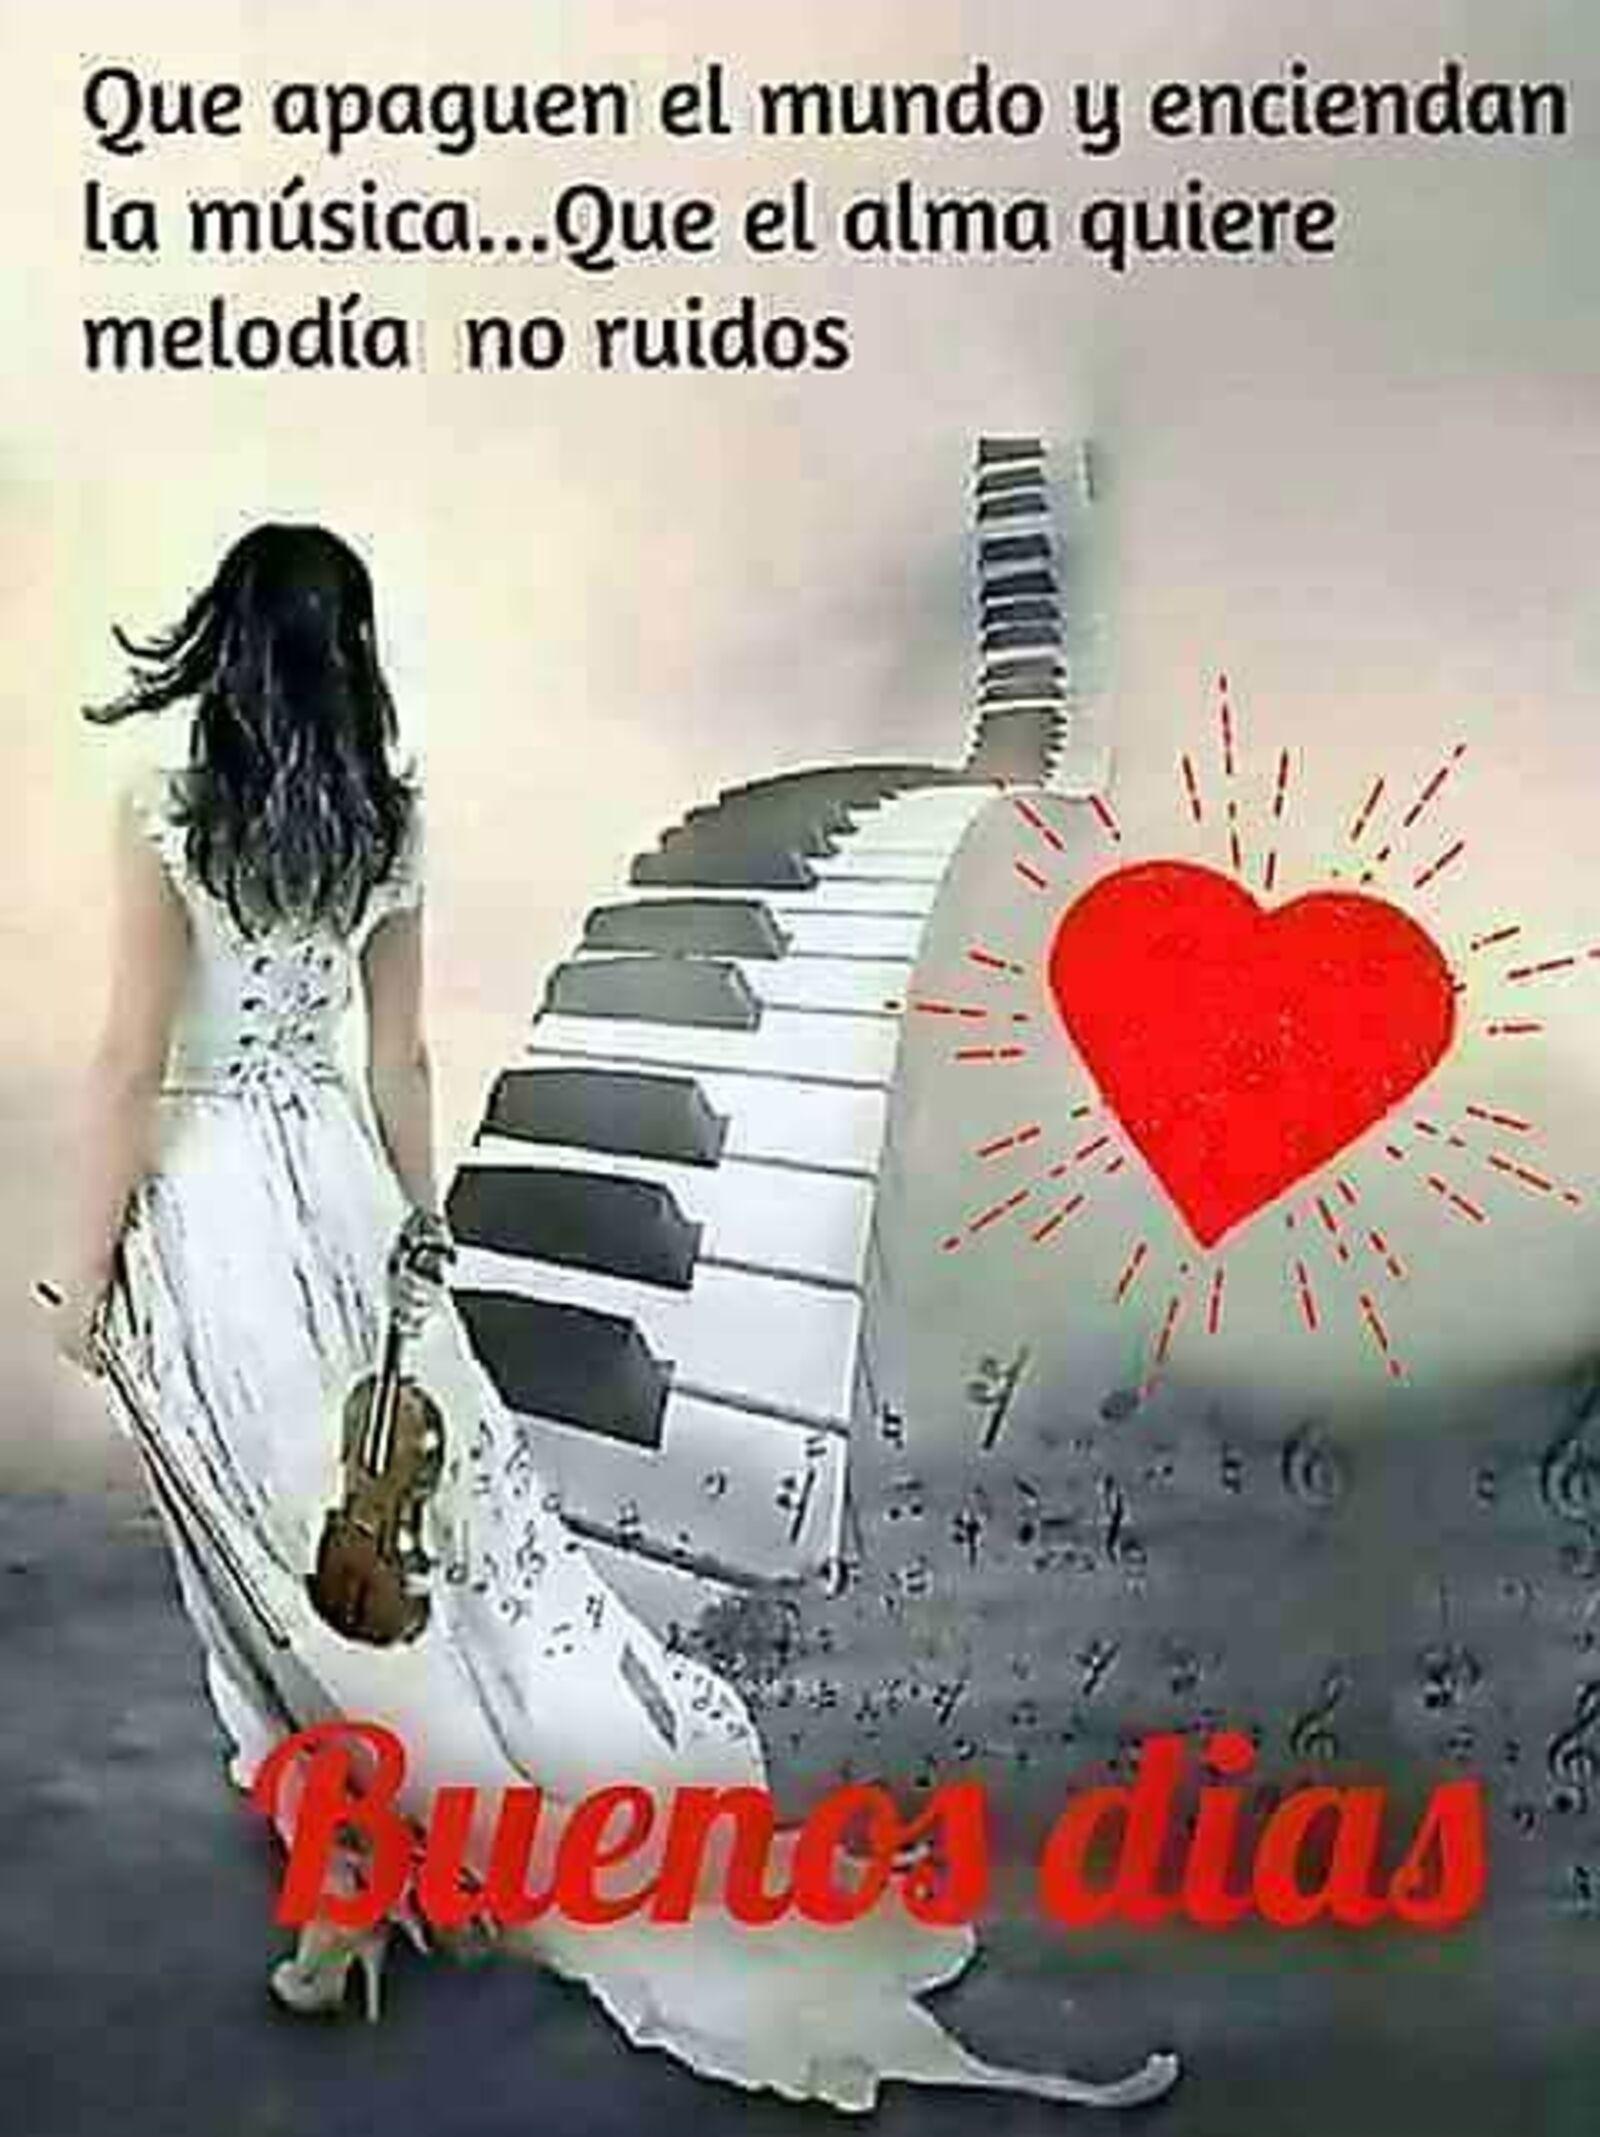 Que apaguen el mundo y enciendan la música...que el alma quiere melodía no ruidos...Buenos Días